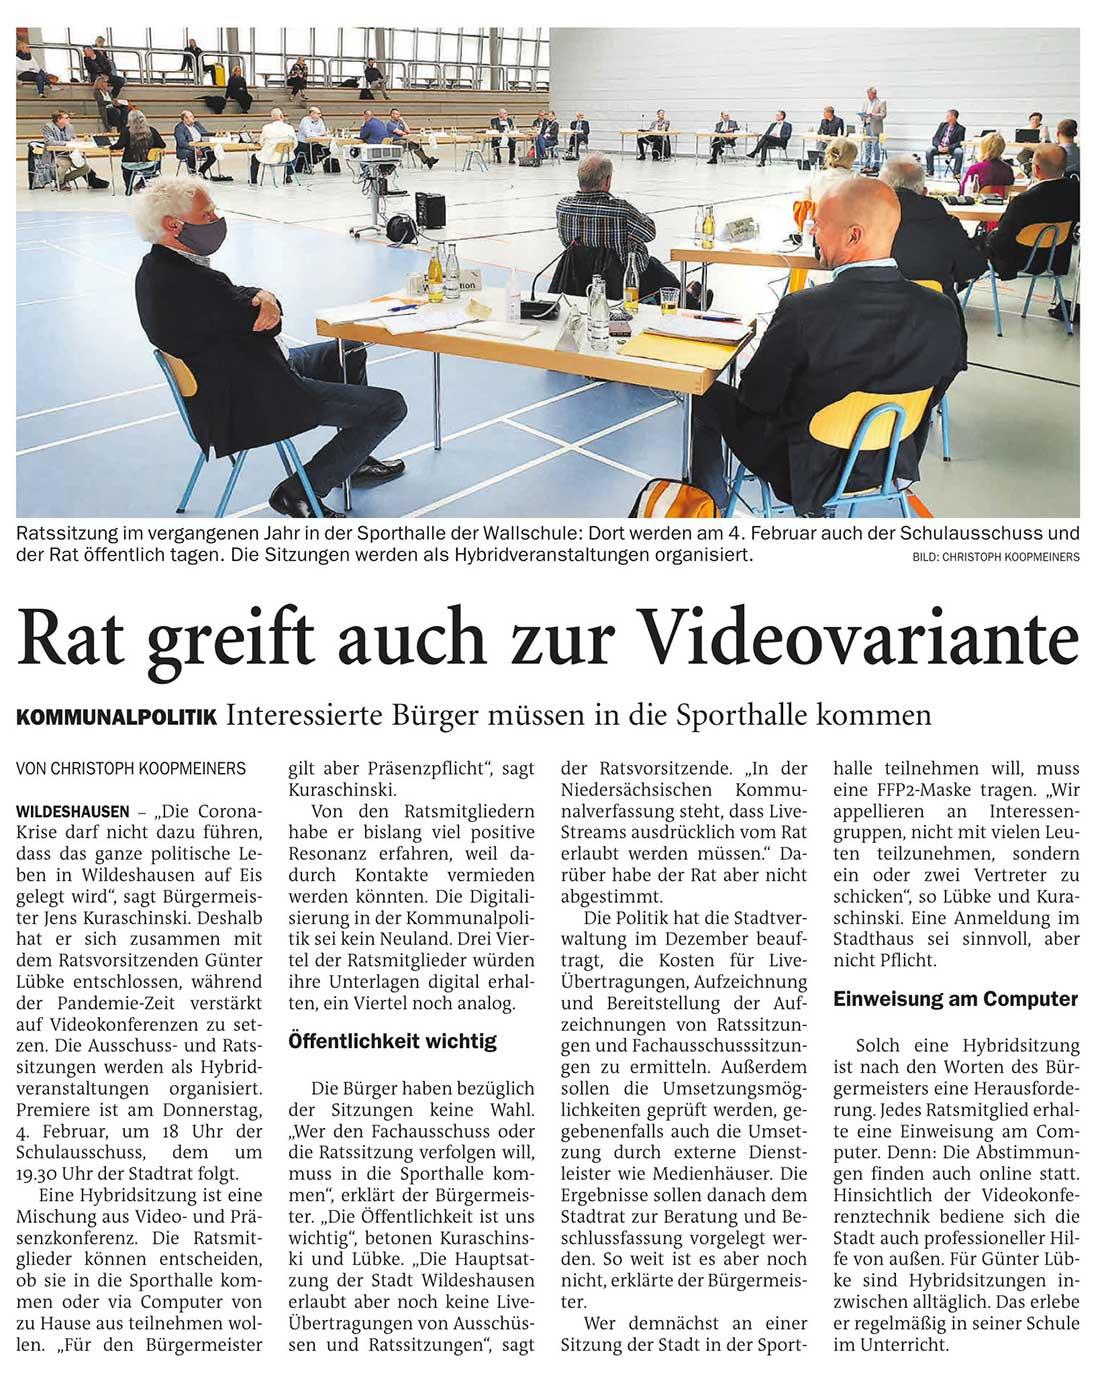 Rat greift auch zur VideovarianteInteressierte Bürger müssen in die Sporthalle kommenArtikel vom 23.01.2021 (NWZ)